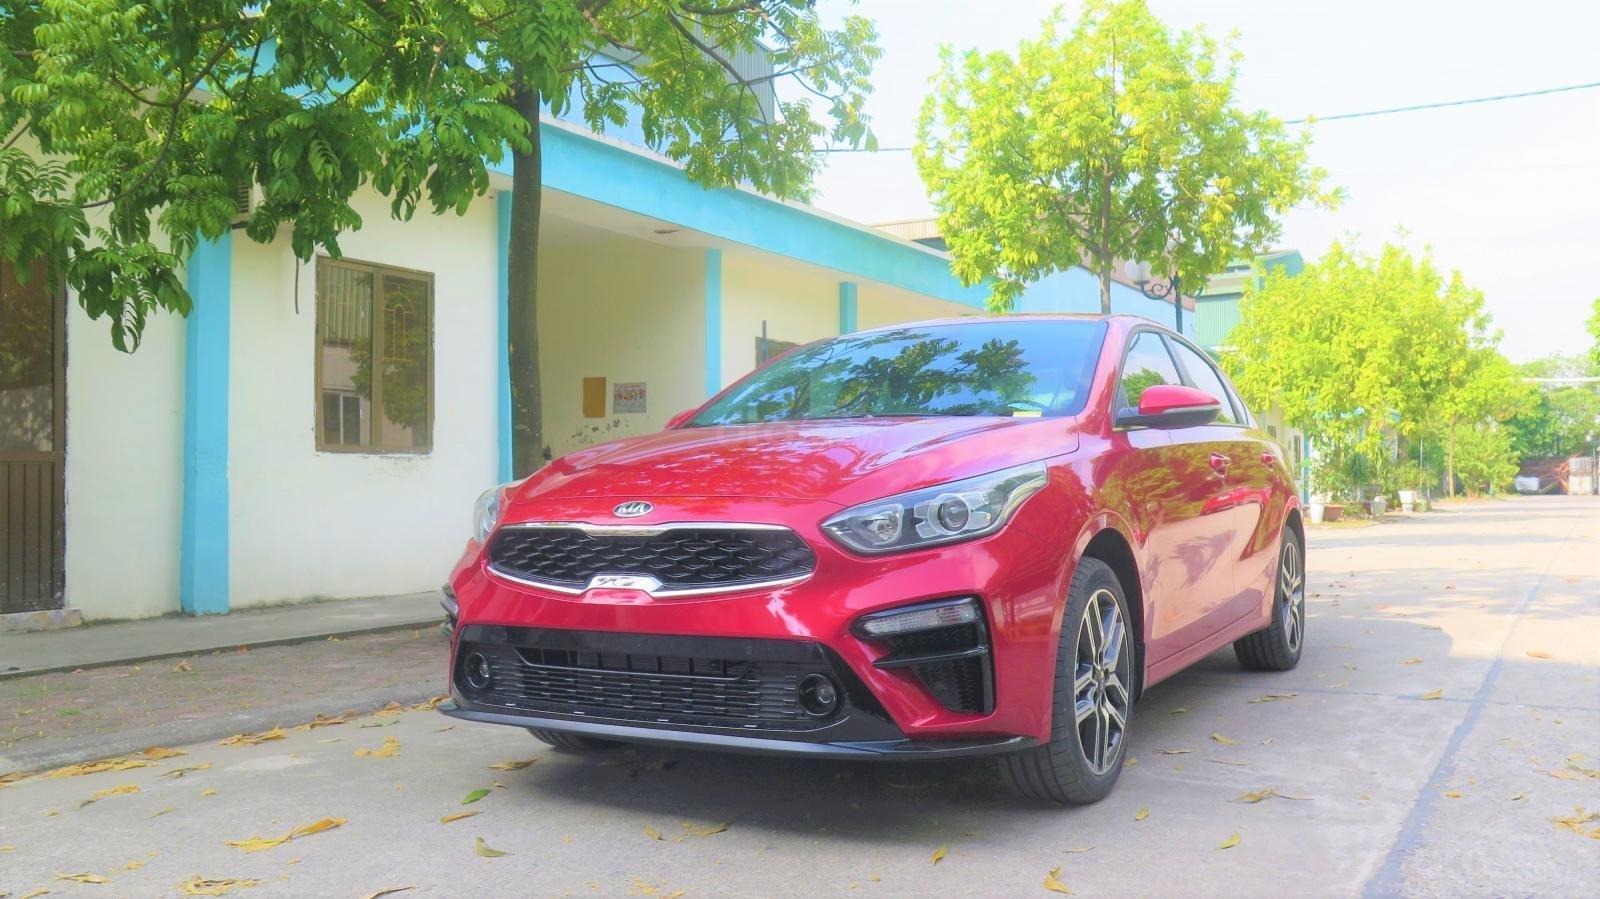 Bán xe Kia Cerato 1.6 AT Luxury SX 2019 màu đỏ giá 635 triệu (1)